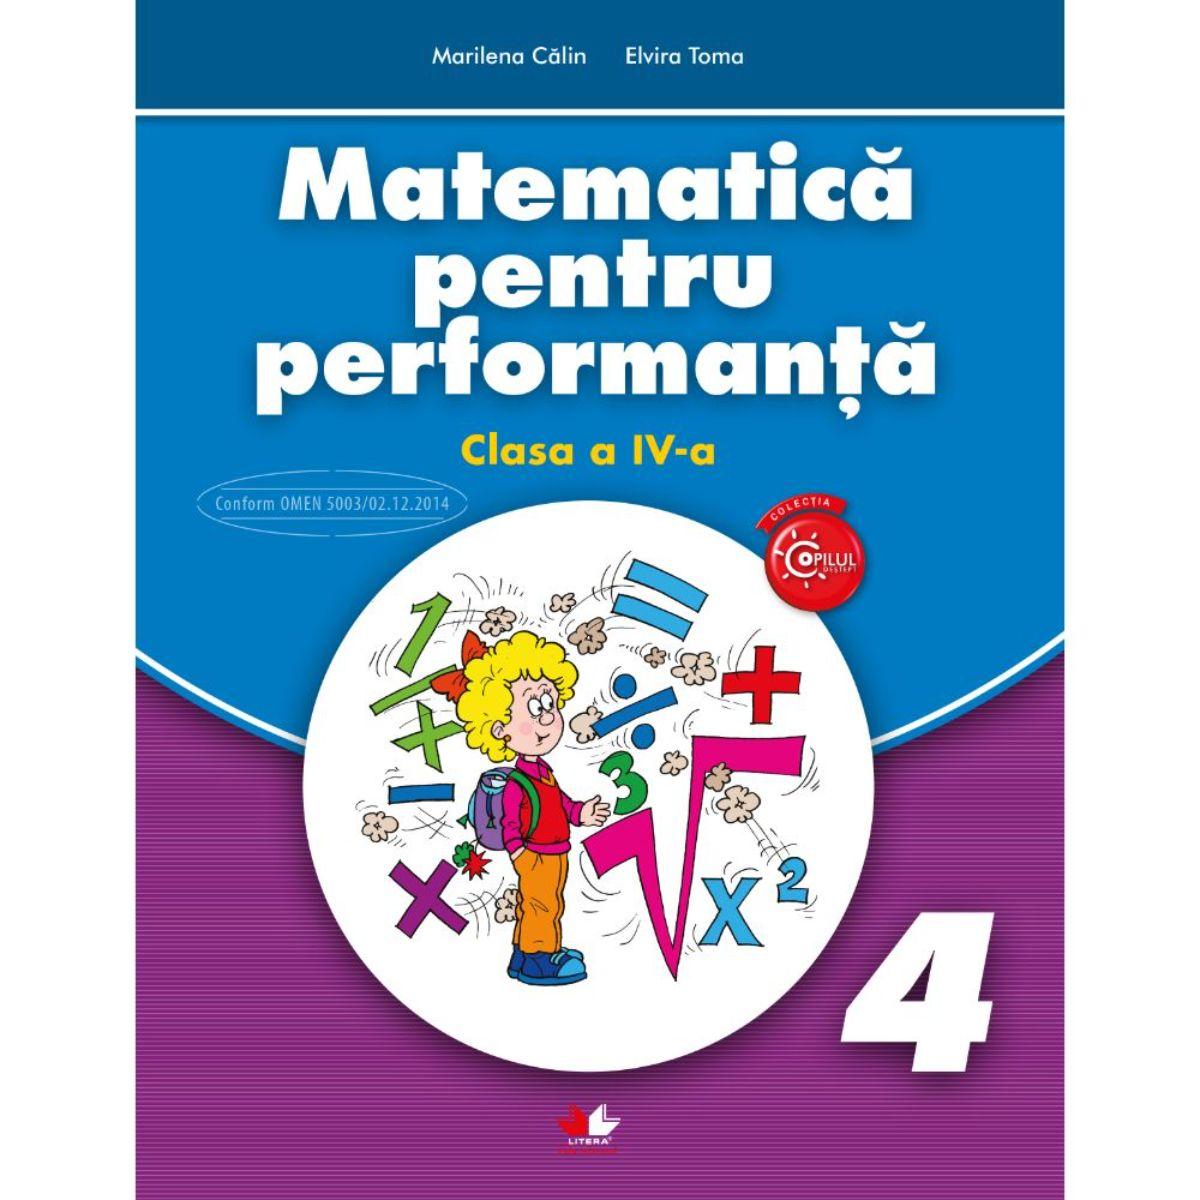 Matematica pentru performanta, Clasa a IV-a